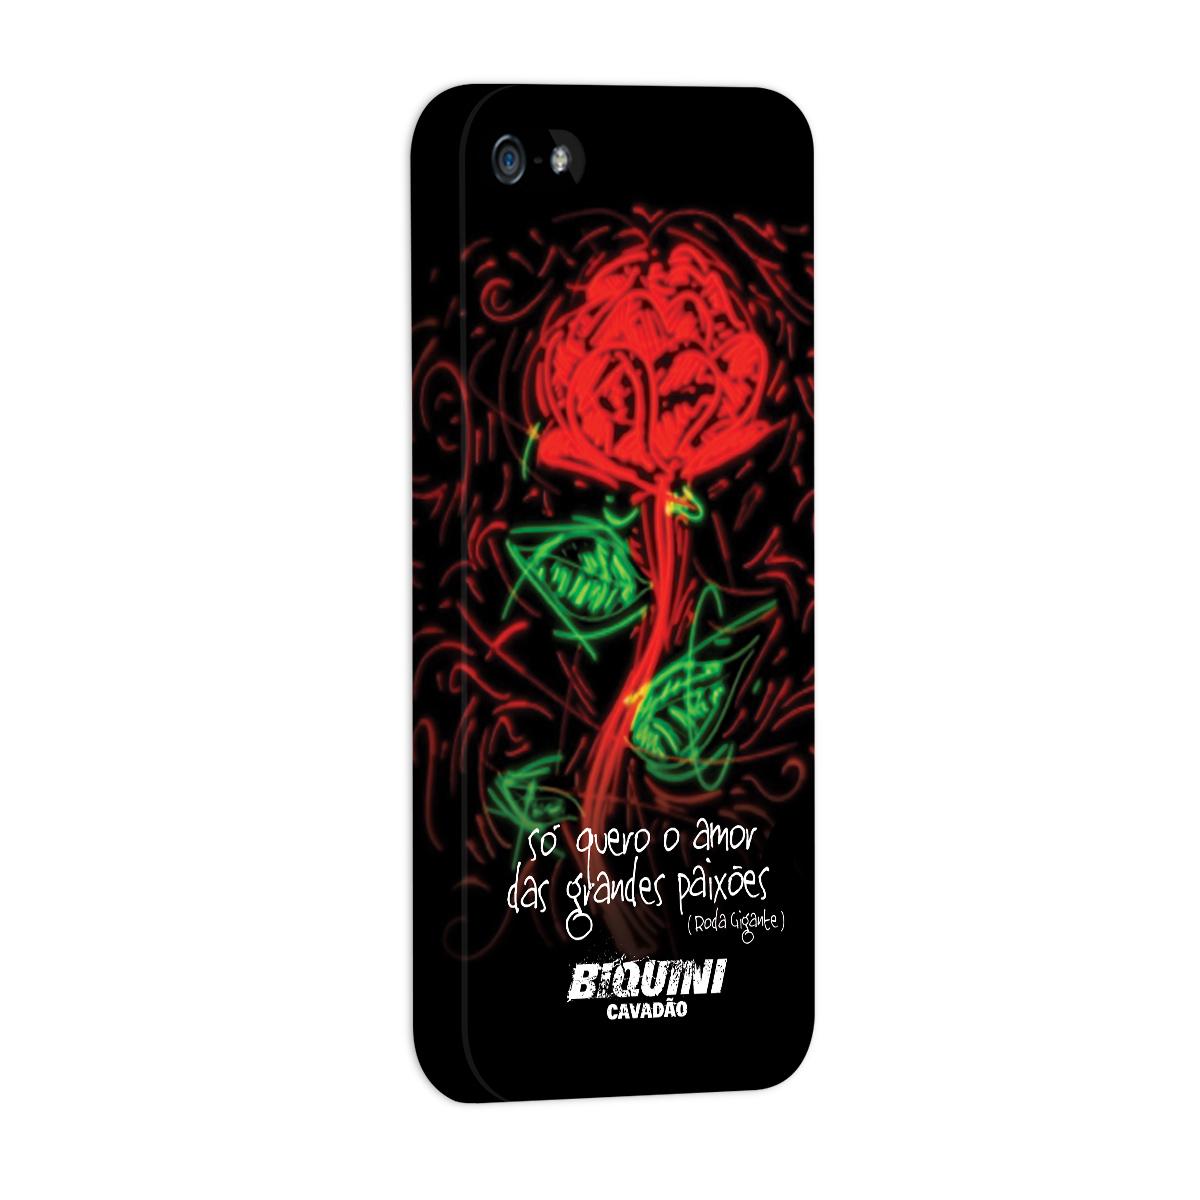 Capa para iPhone 5/5S Biquini Cavadão Só Quero o Amor das Grandes Paixões